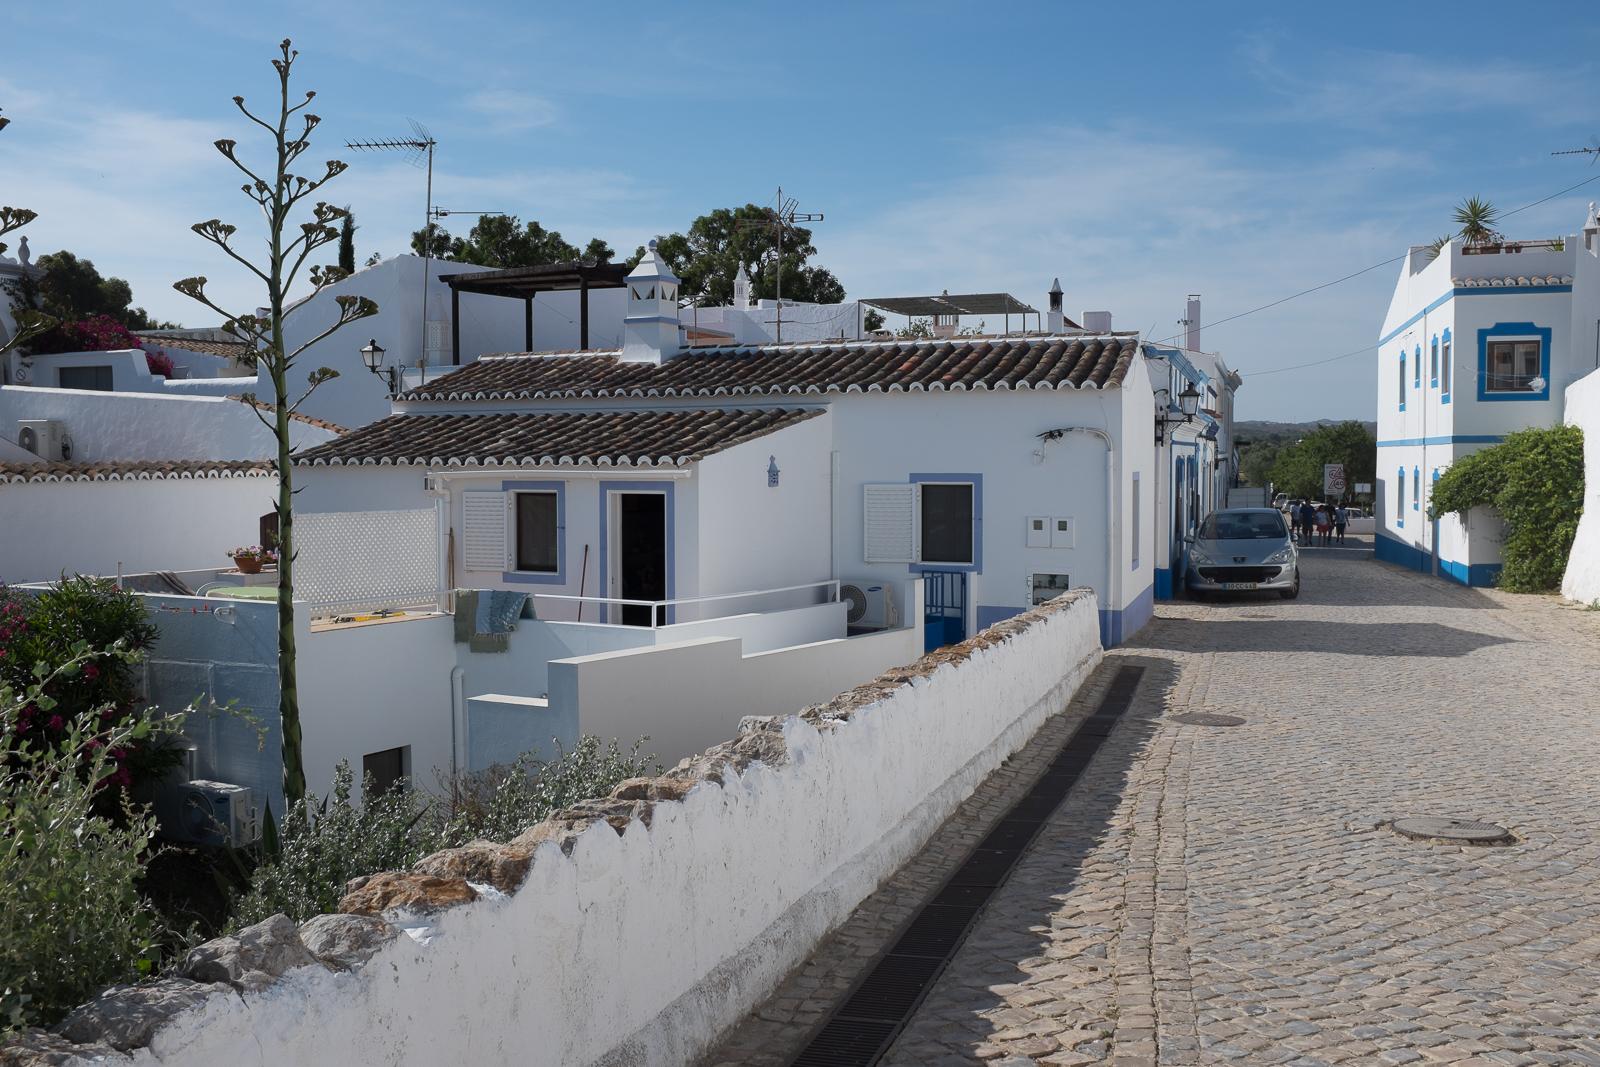 Dag05-Algarve-029-DSCF1865